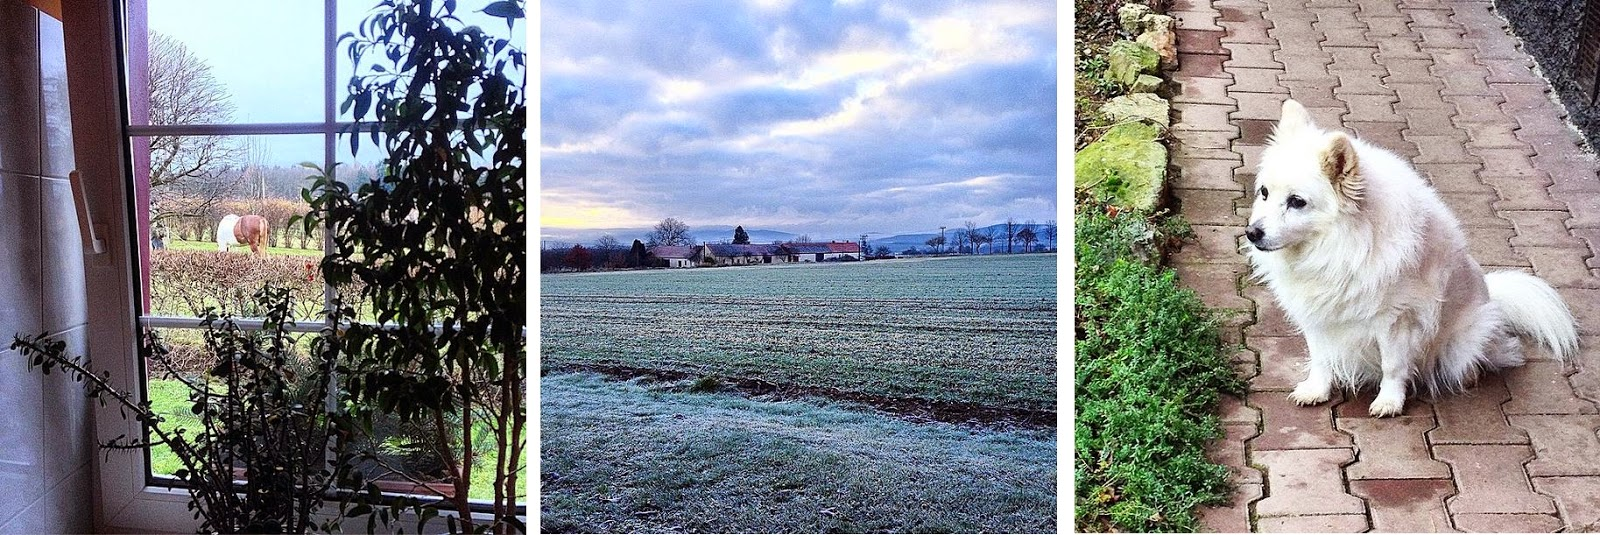 Czech Republic in winter